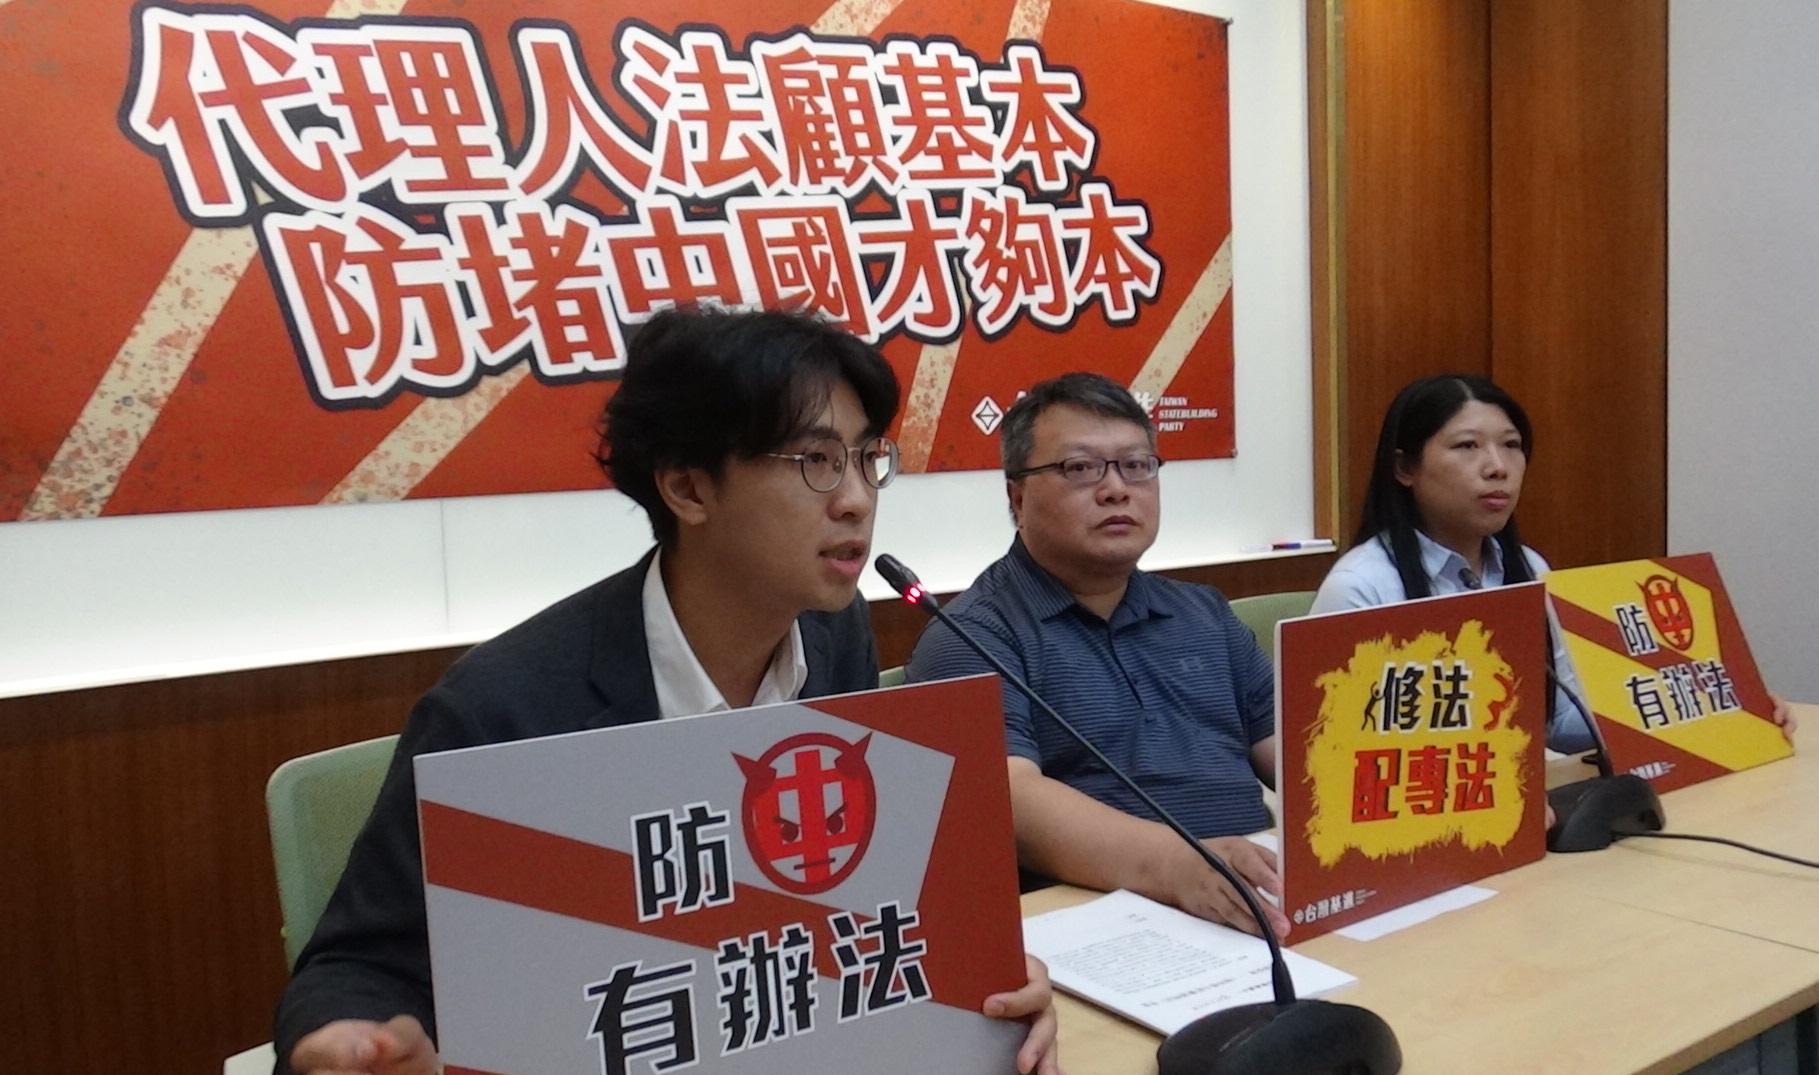 台湾基进党台北市党部新闻部主任林宥铭(左)19号公布《境外势力影响透明法》草案。(记者夏小华摄)